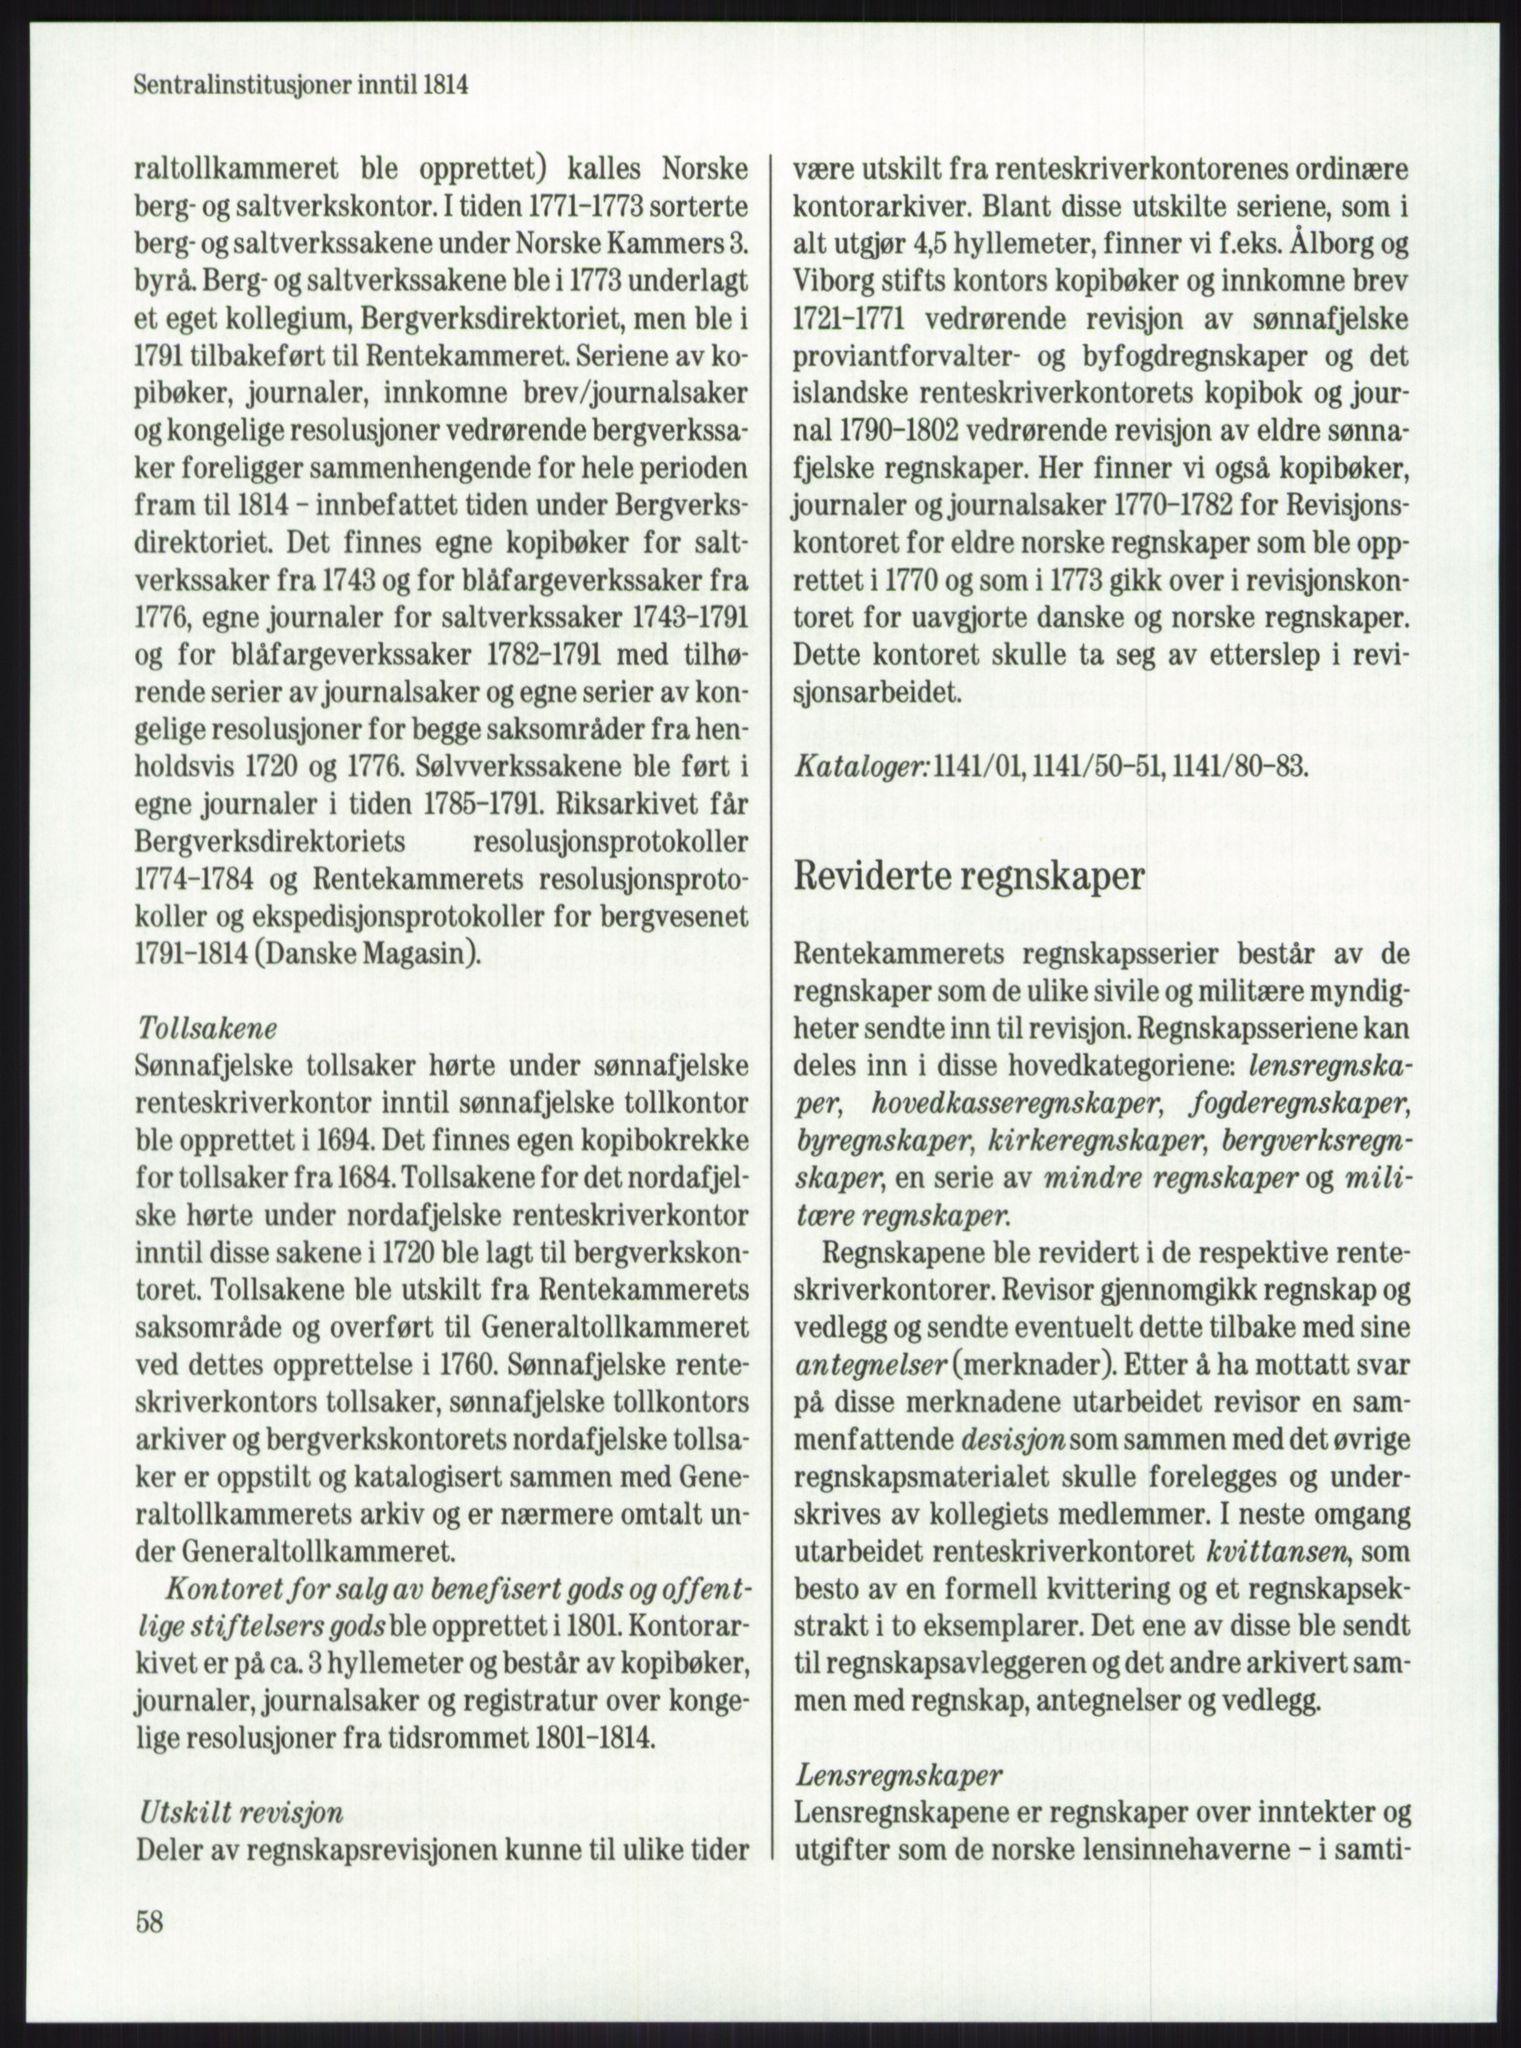 PUBL, Publikasjoner utgitt av Arkivverket, -/-: Knut Johannessen, Ole Kolsrud og Dag Mangset (red.): Håndbok for Riksarkivet (1992), s. 58